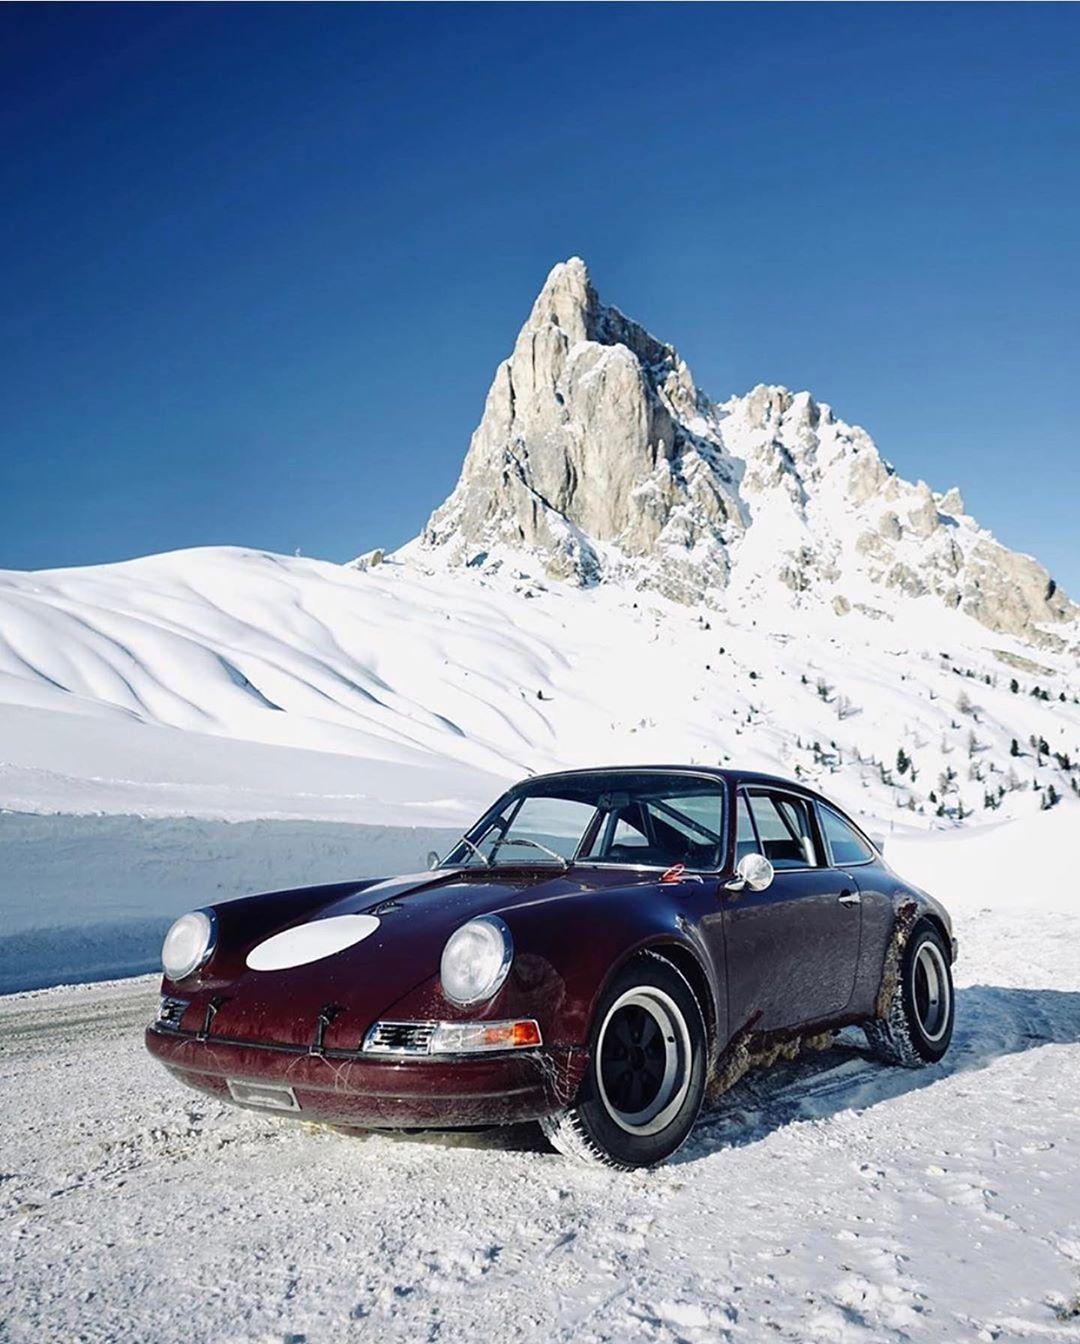 Pin By Fred Huertas On Perfection Porsche 911 Porsche Ferrari